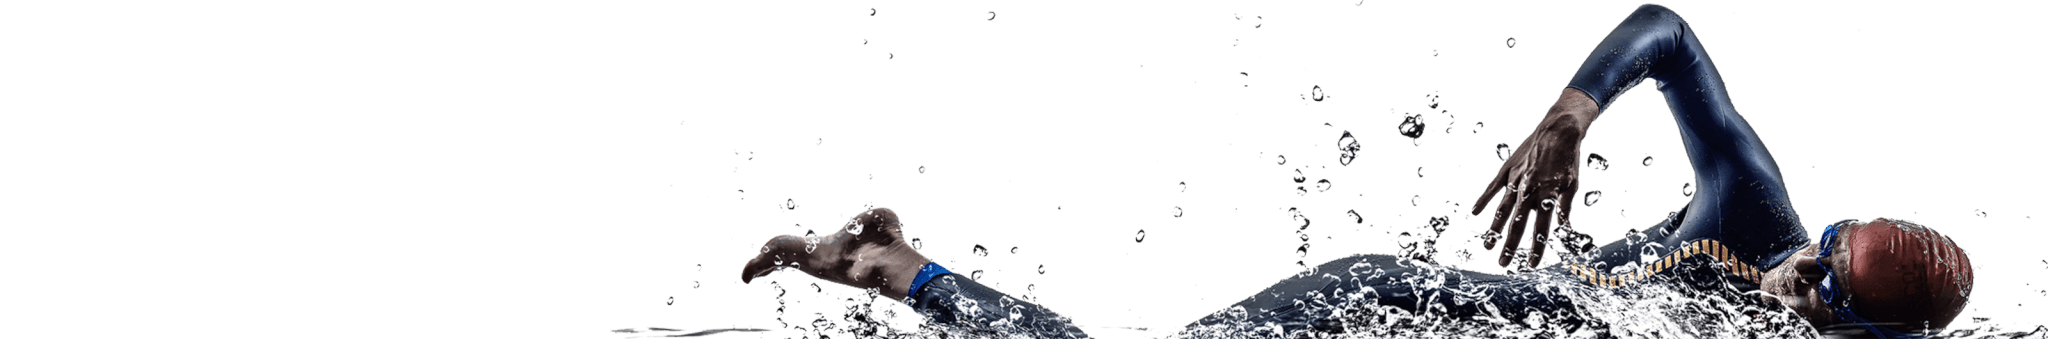 https://www.harrowswim.club/wp-content/uploads/2017/10/inner_swimmer.png